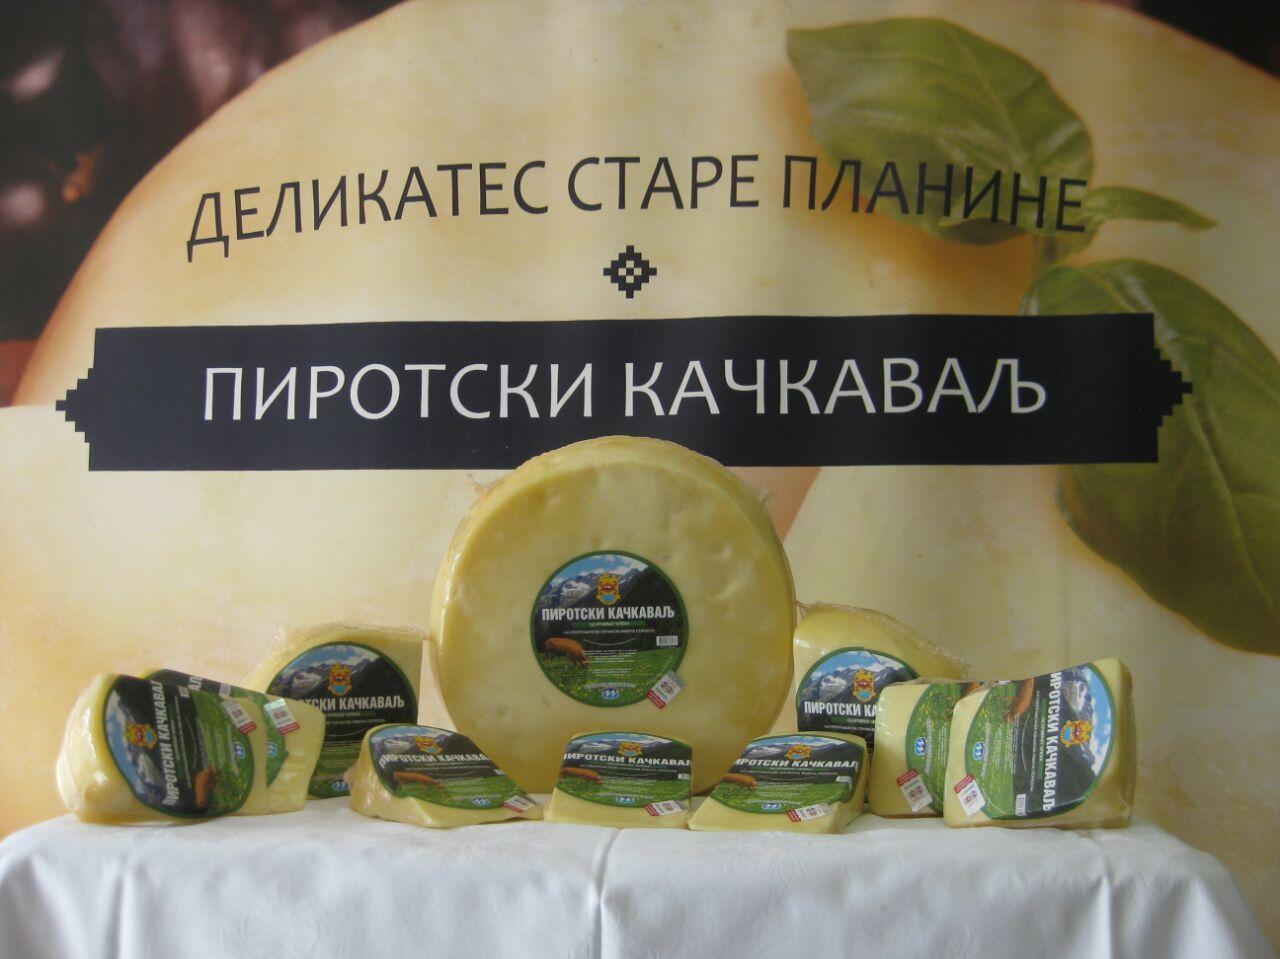 Photo of Mlekarska škola prvi ovlašćeni proizvođač pirotskog kačkavalja